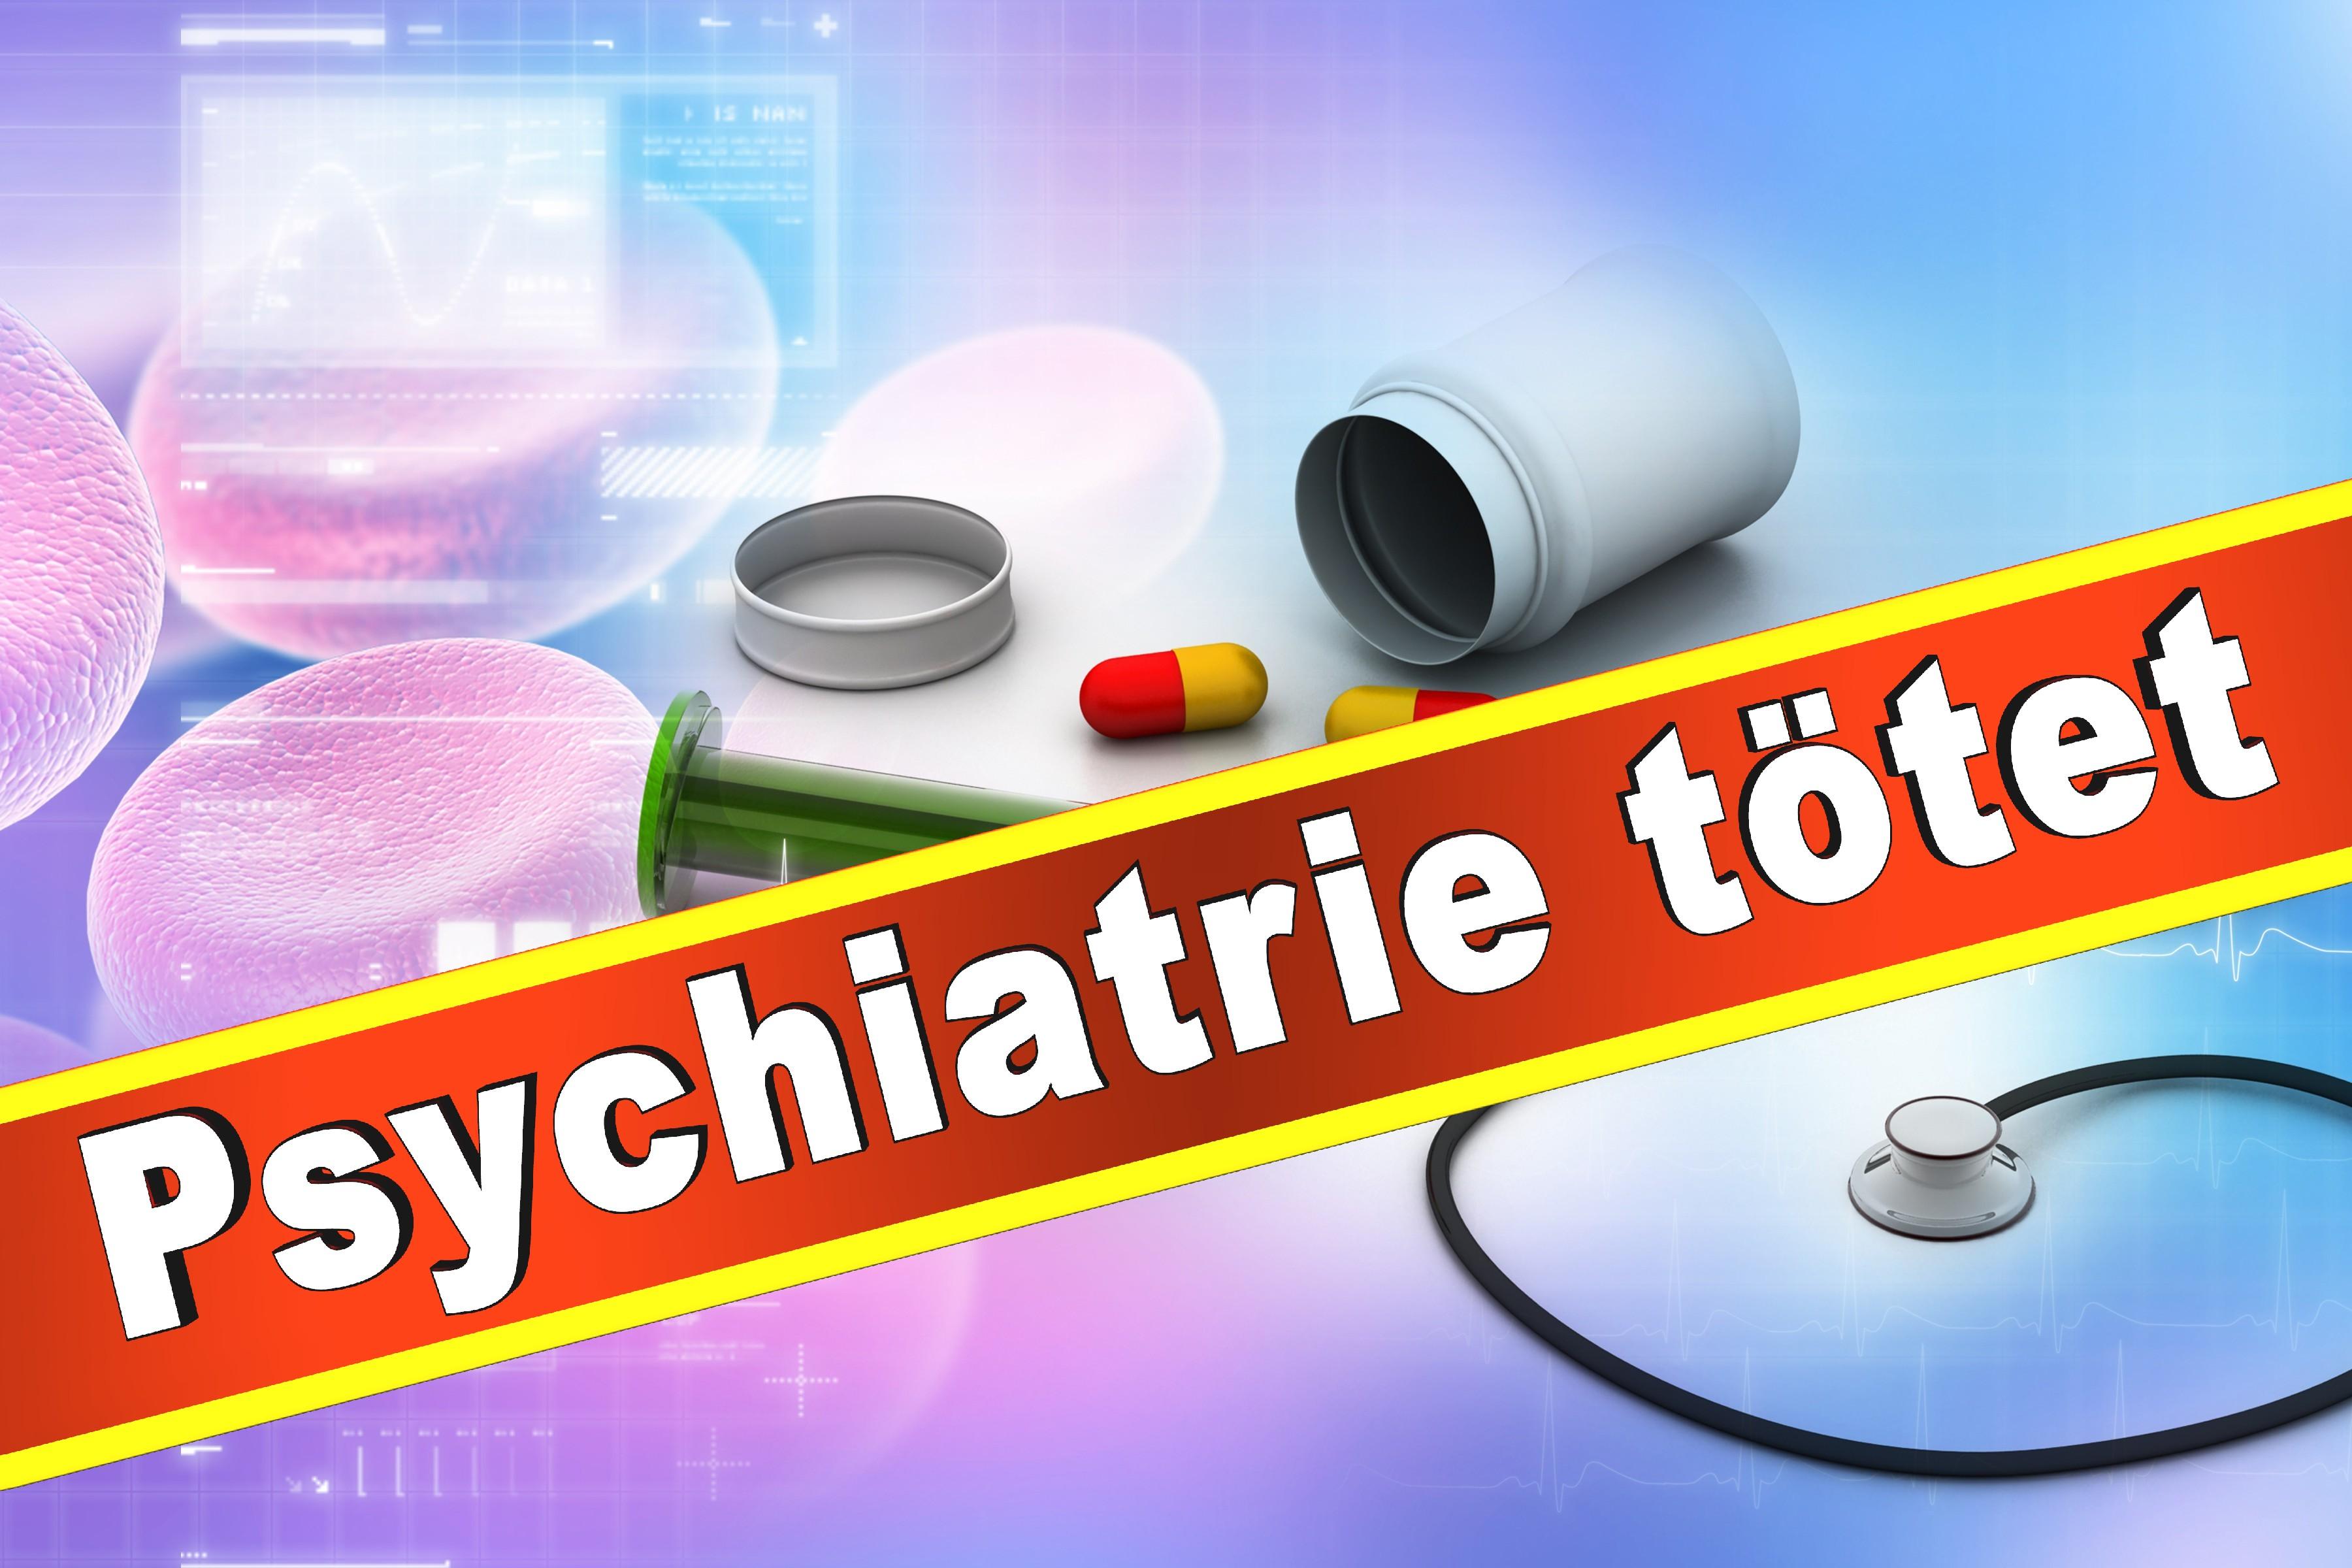 Wielant Machleidt Psychiater Psychotherapeut Professor Praxis Der Interkulturellen Psychiatrie Und Psychotherapie Medizinische Hochschule Hannover Klinik Für Psychiatrie Sozialpsychiatrie (4)